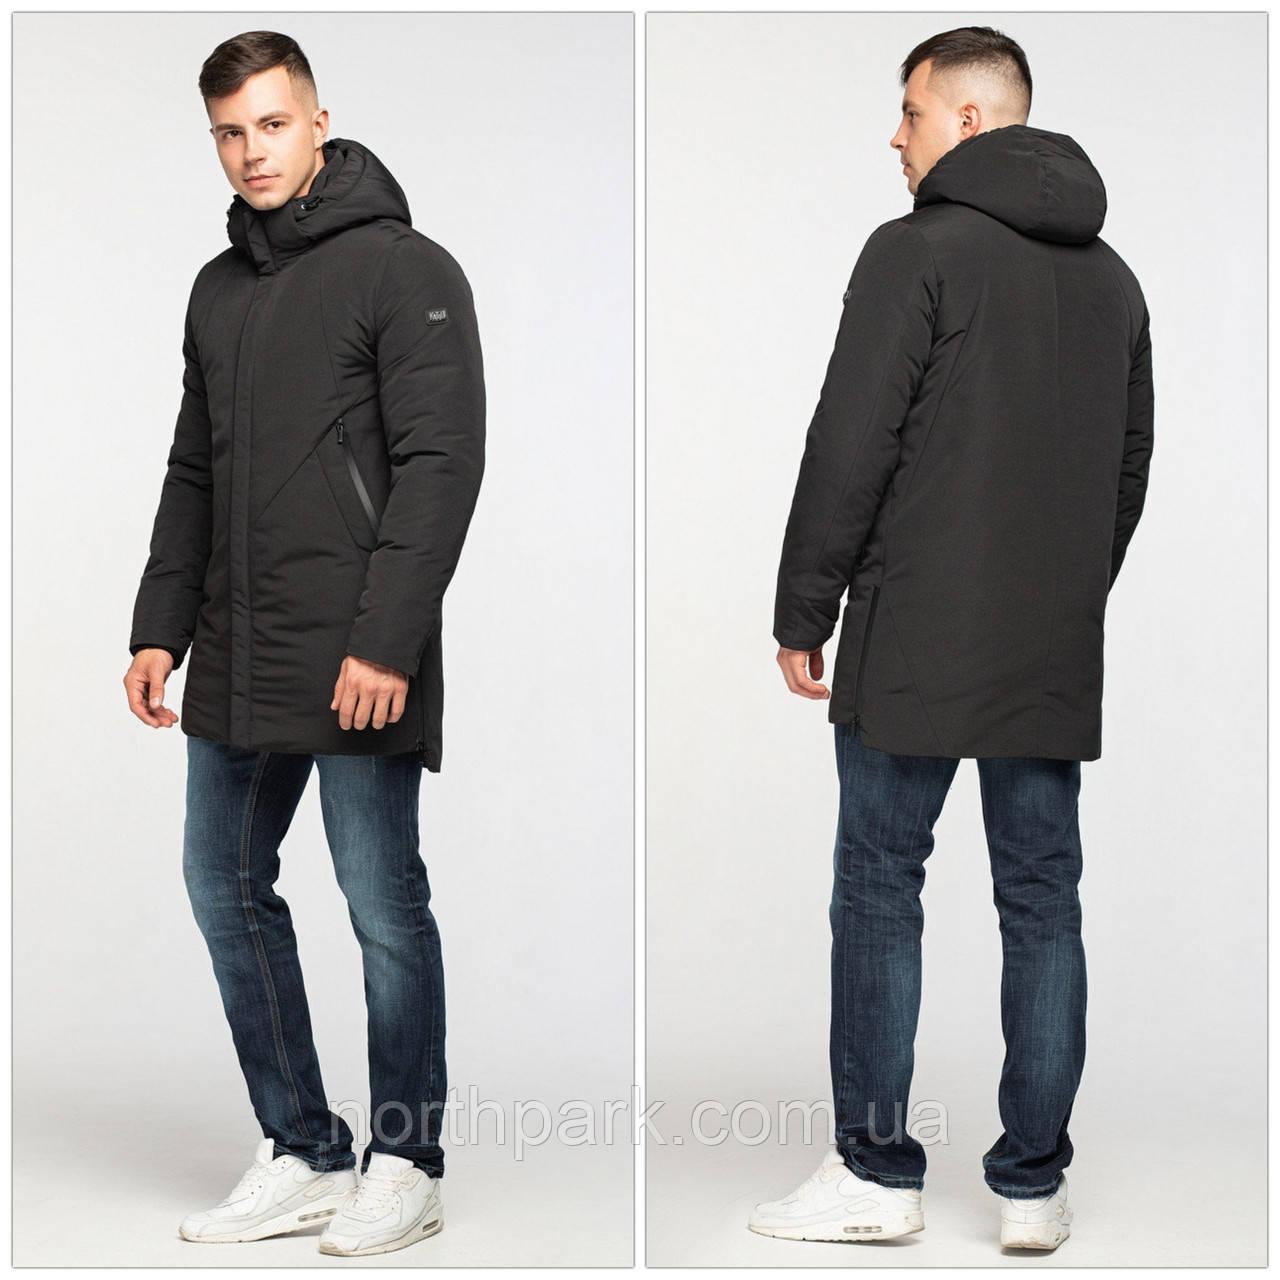 Подовжена зимова чоловіча куртка-парка KTL, чорна 50